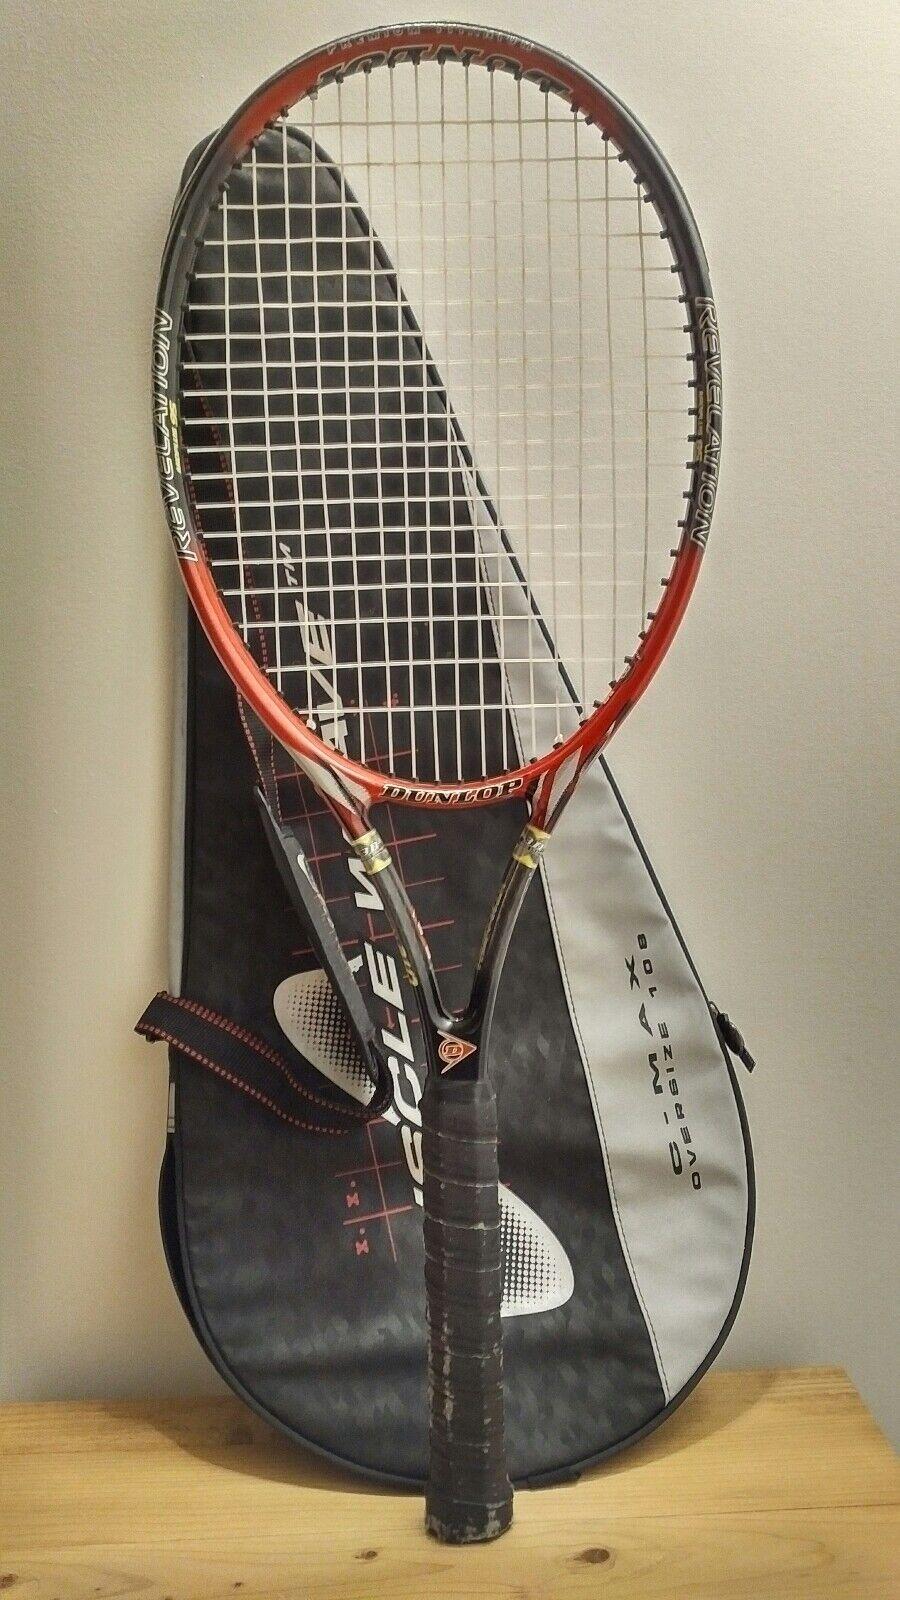 Dunlop Revelation Lite +0.50 - medio + 95 Raqueta - 4 5 8 Bolsa de agarre y otros Dunlop